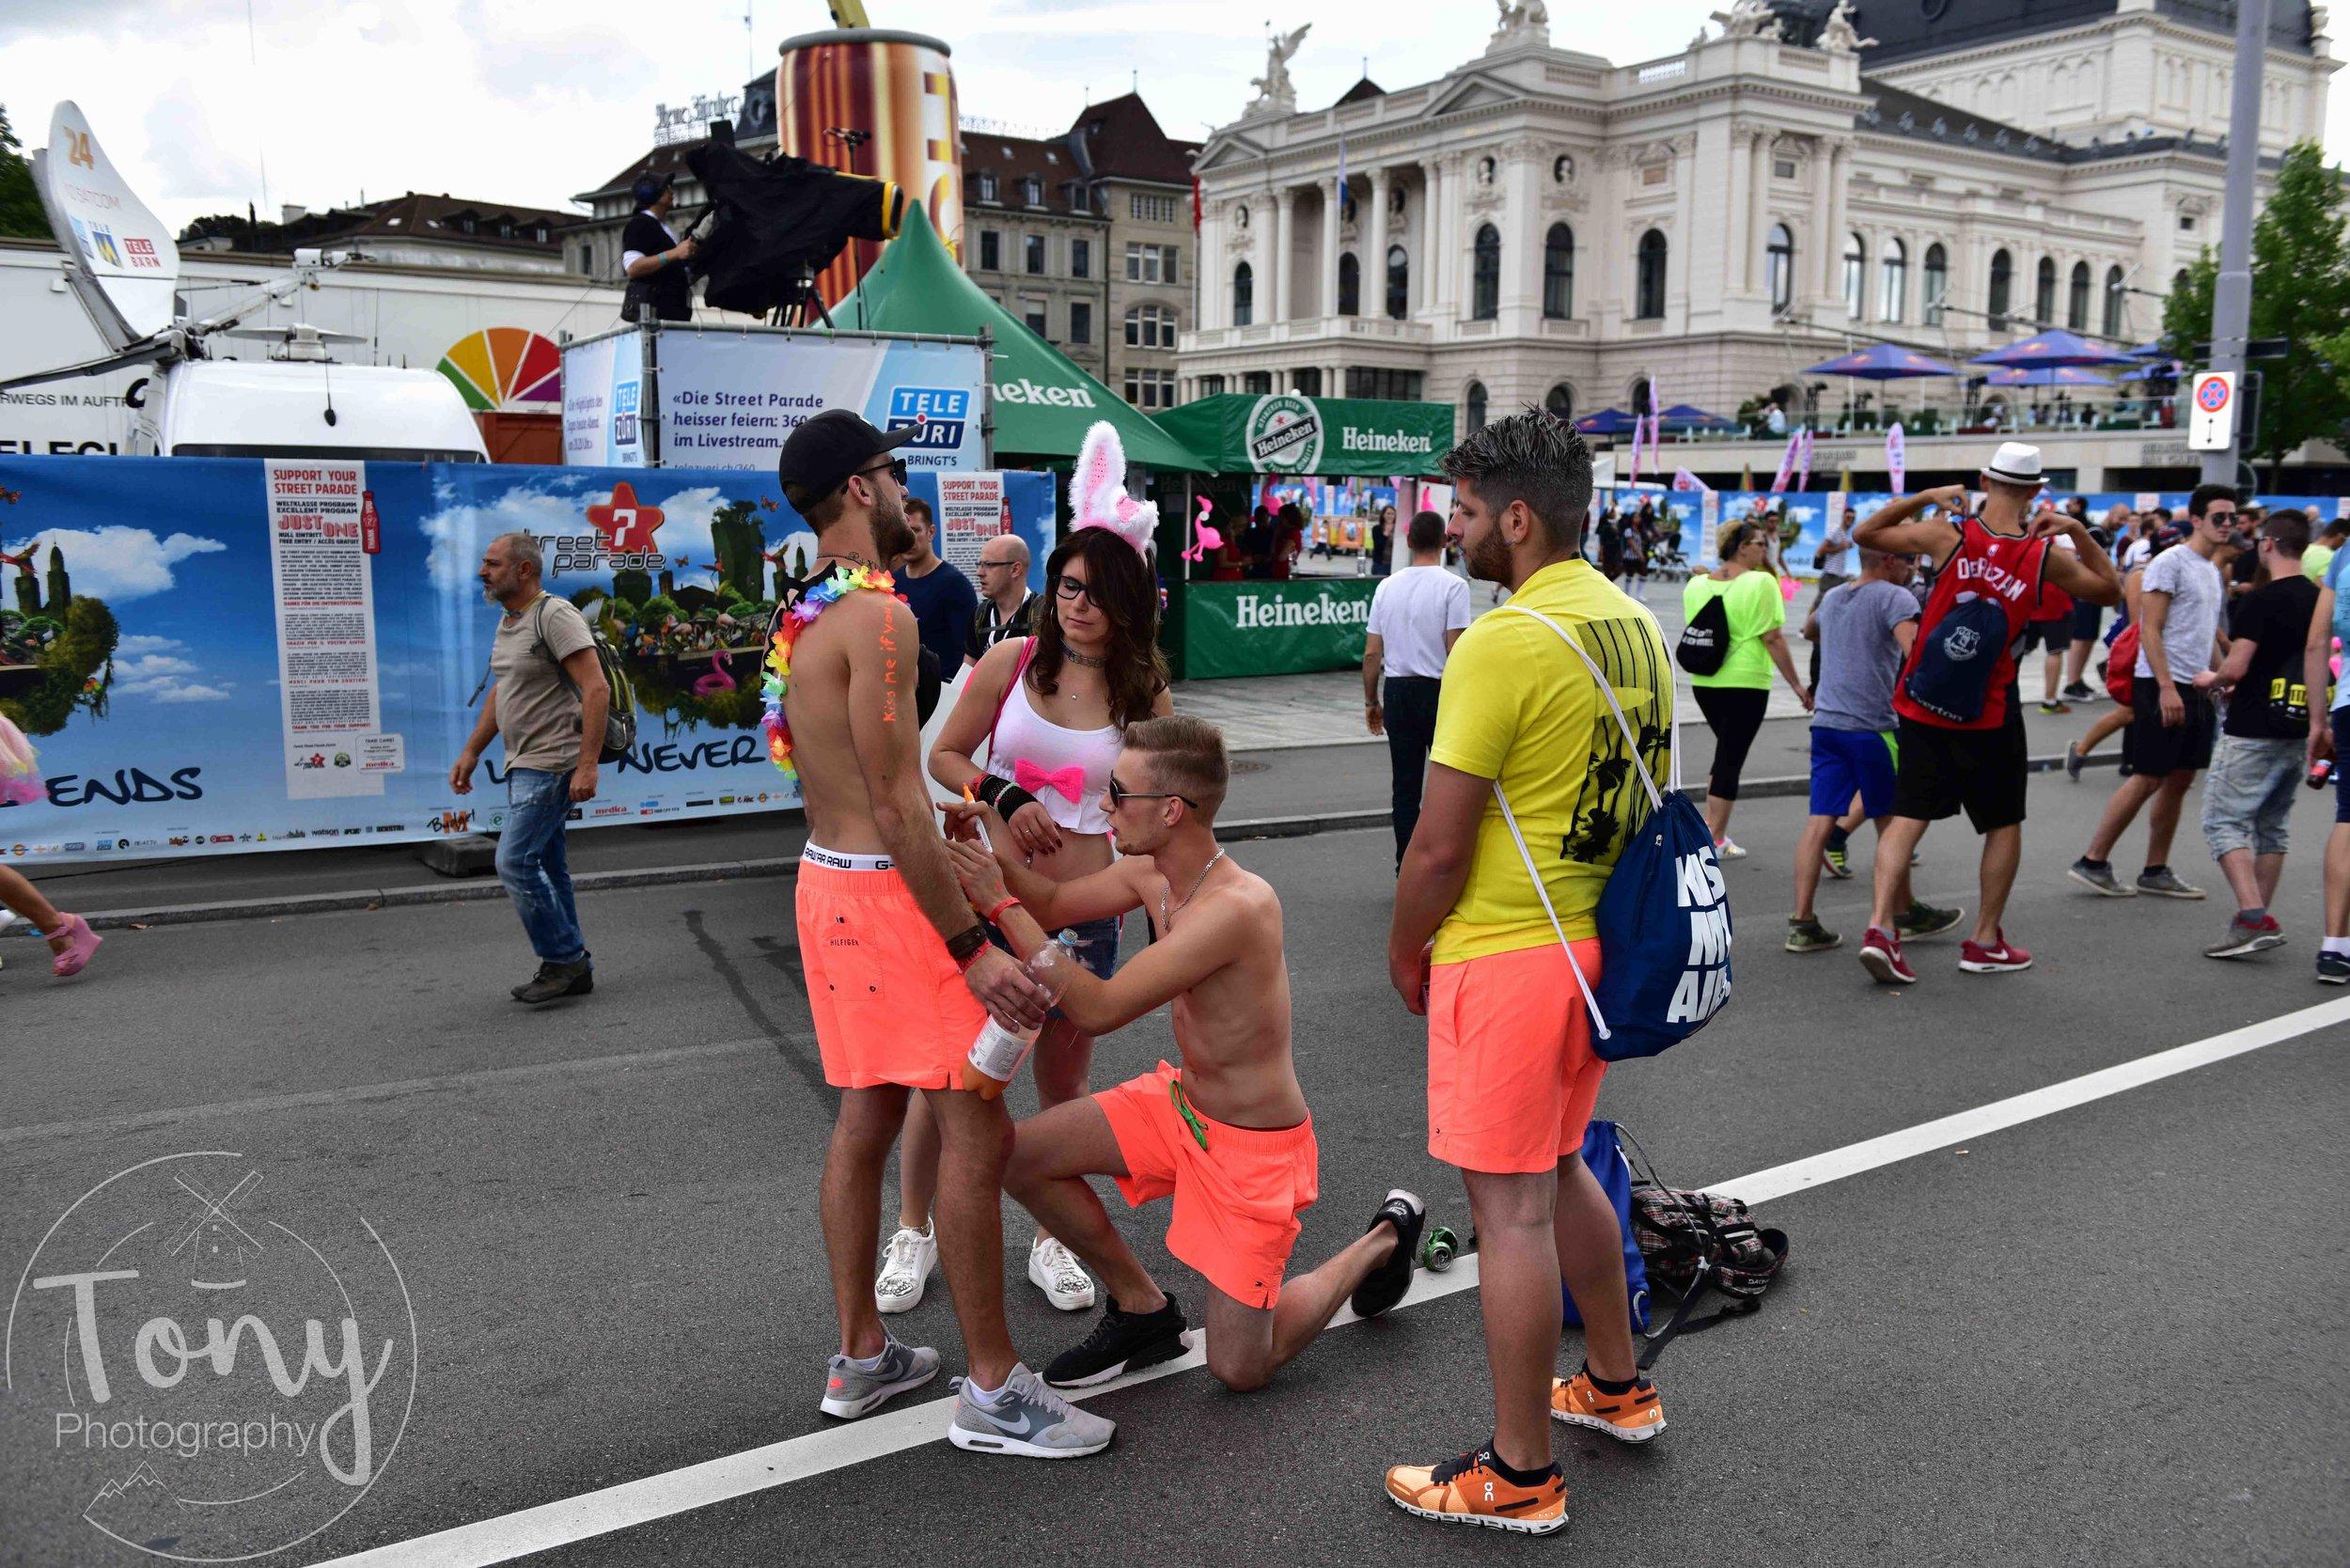 streetparade-5.jpg